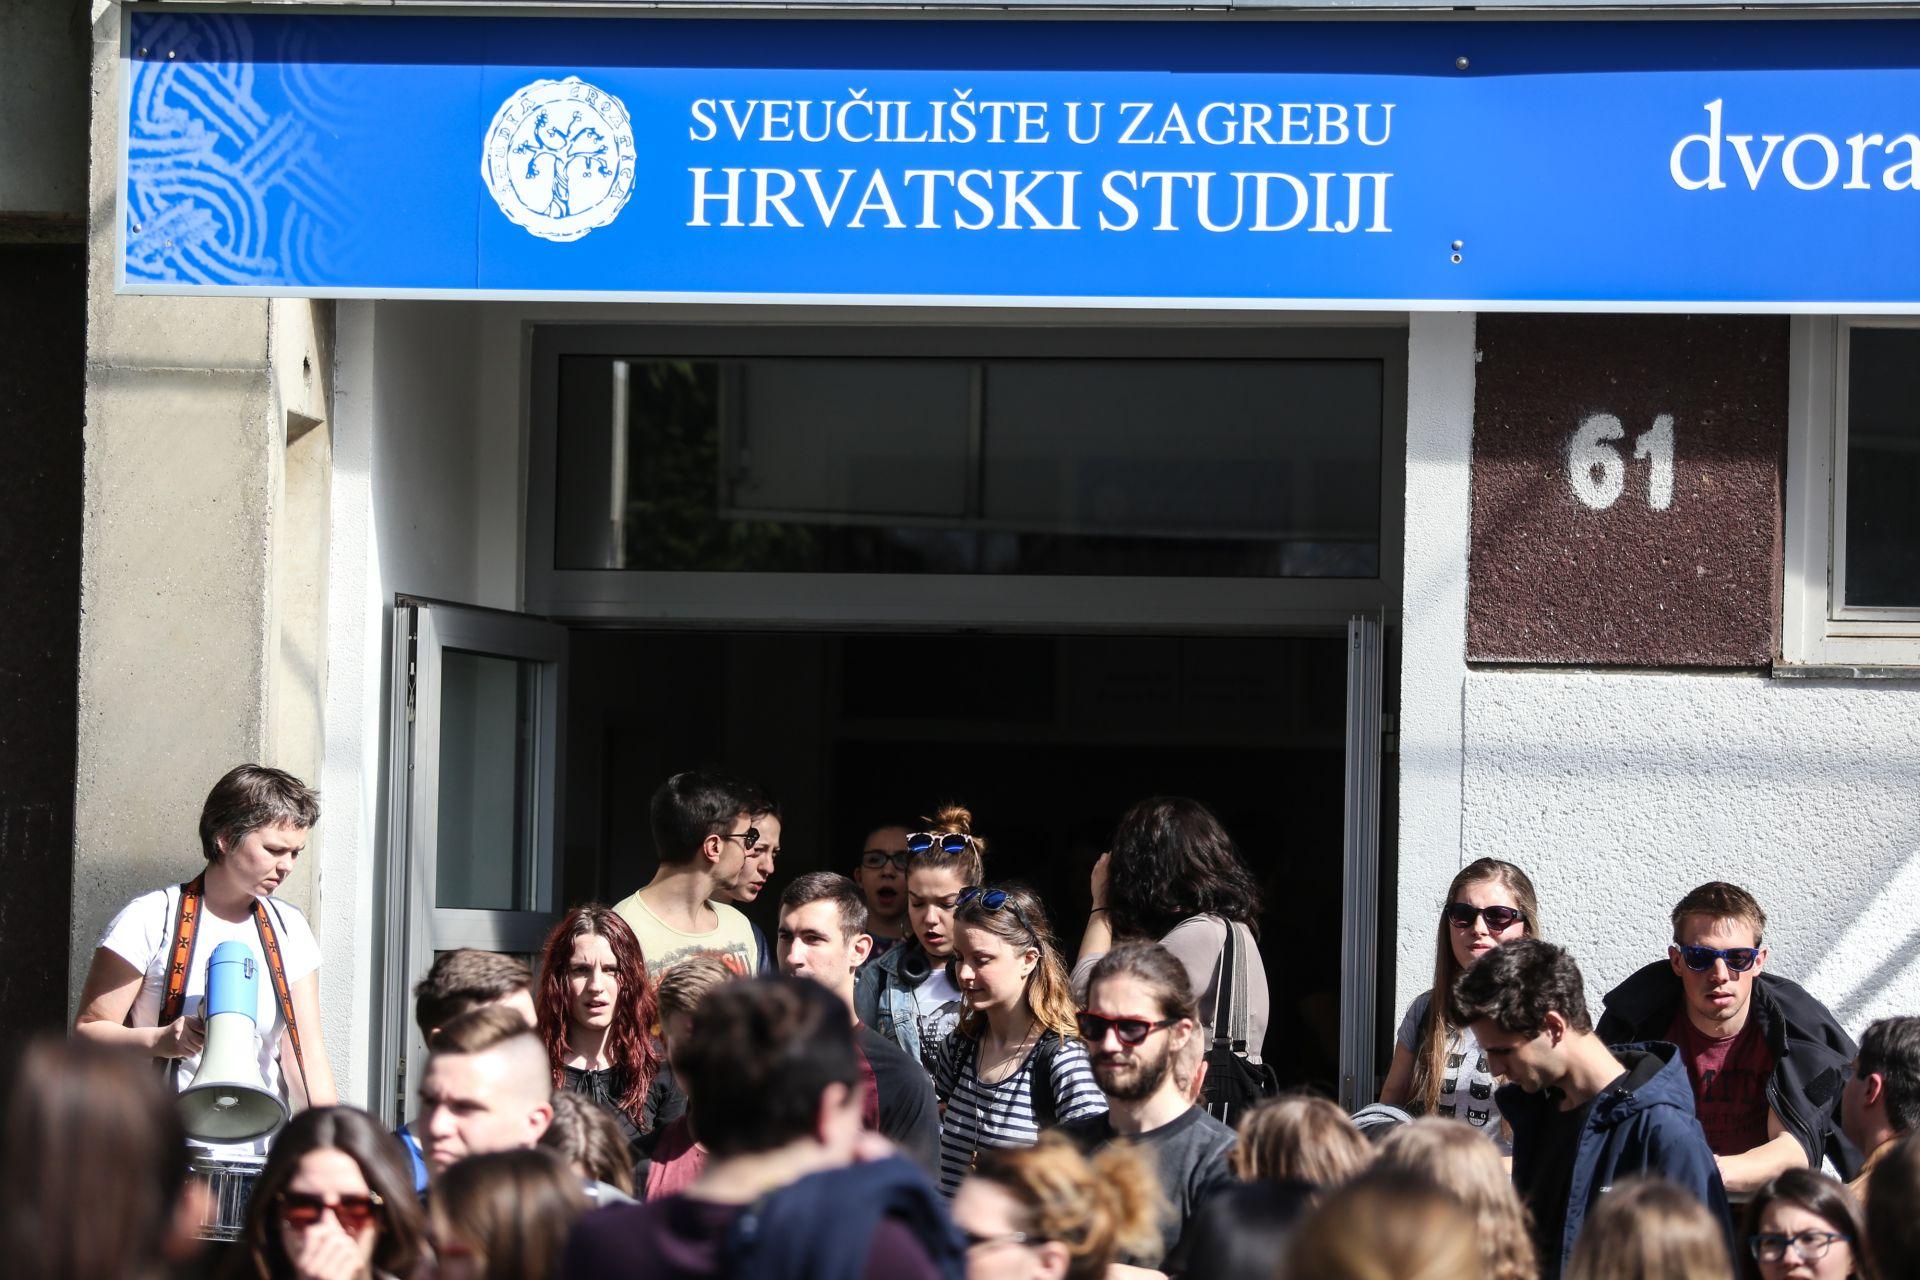 GRČEVIĆ: Sva tijela Hrvatskih studija imaju punu legitimnost i legalnost